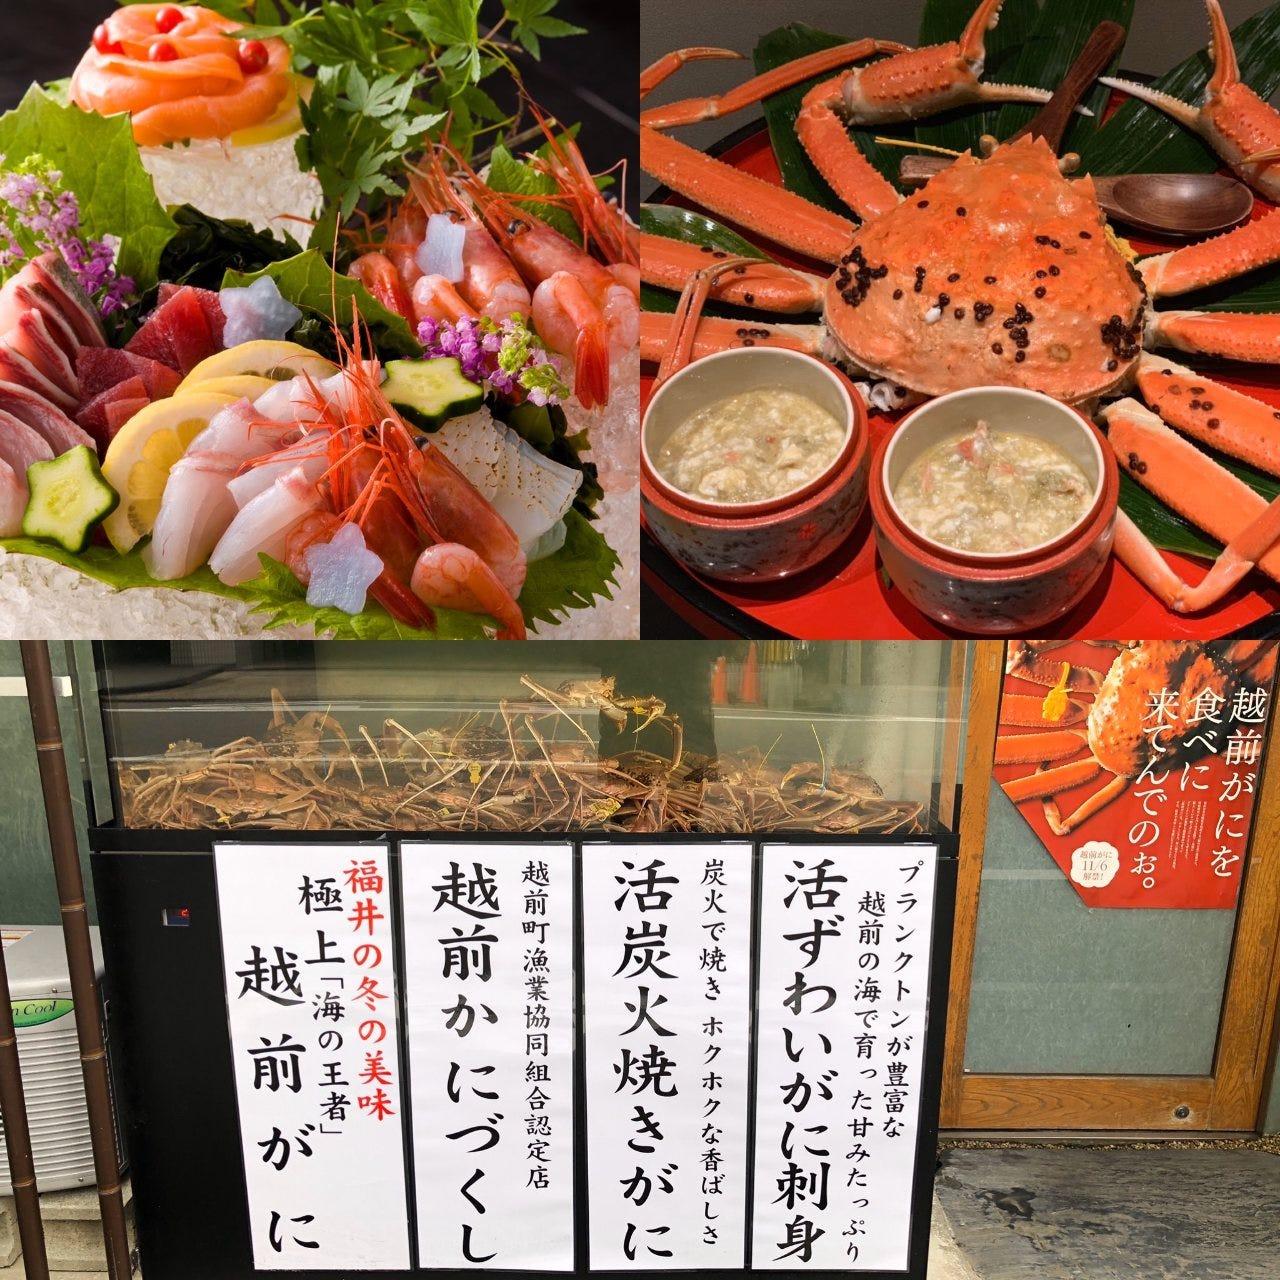 和食ダイニング 柳庵のイメージ写真